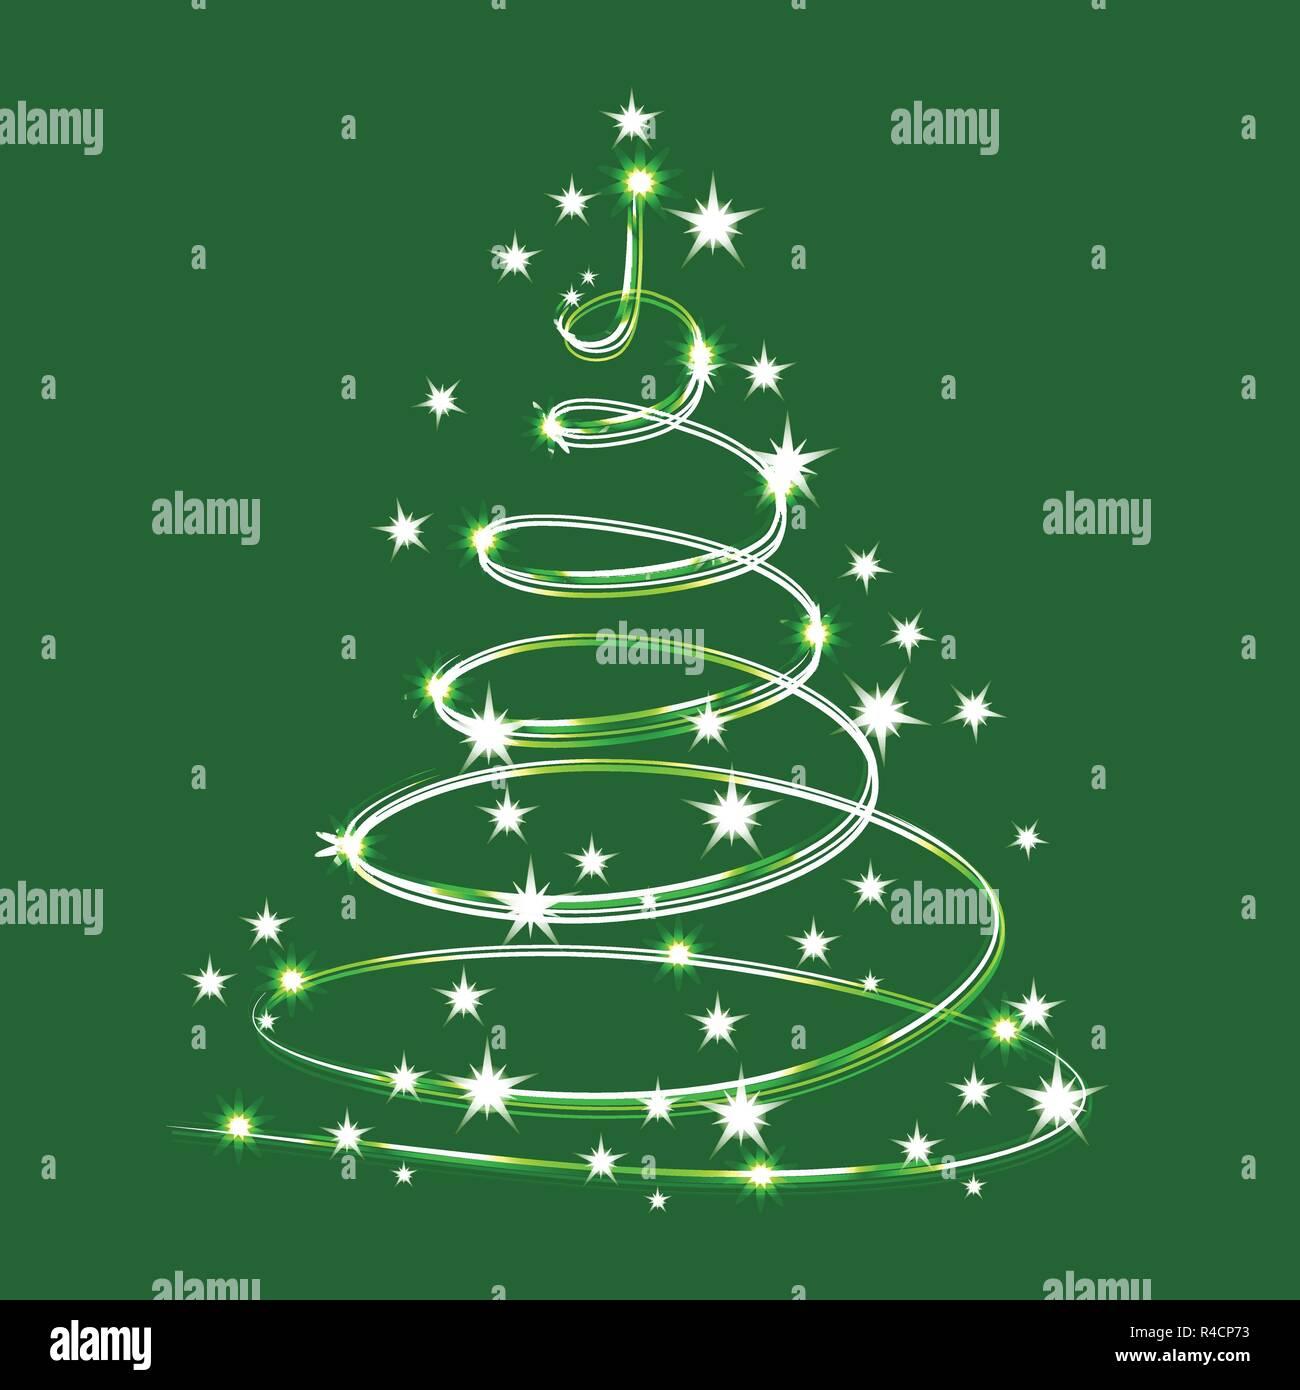 https www alamyimages fr arbre de noel de l eclat brillant d etoiles arbre genealogique sparkle vecteur isole sur fond vert arbre de noel pour concevoir carte invitation imprimer image226474279 html